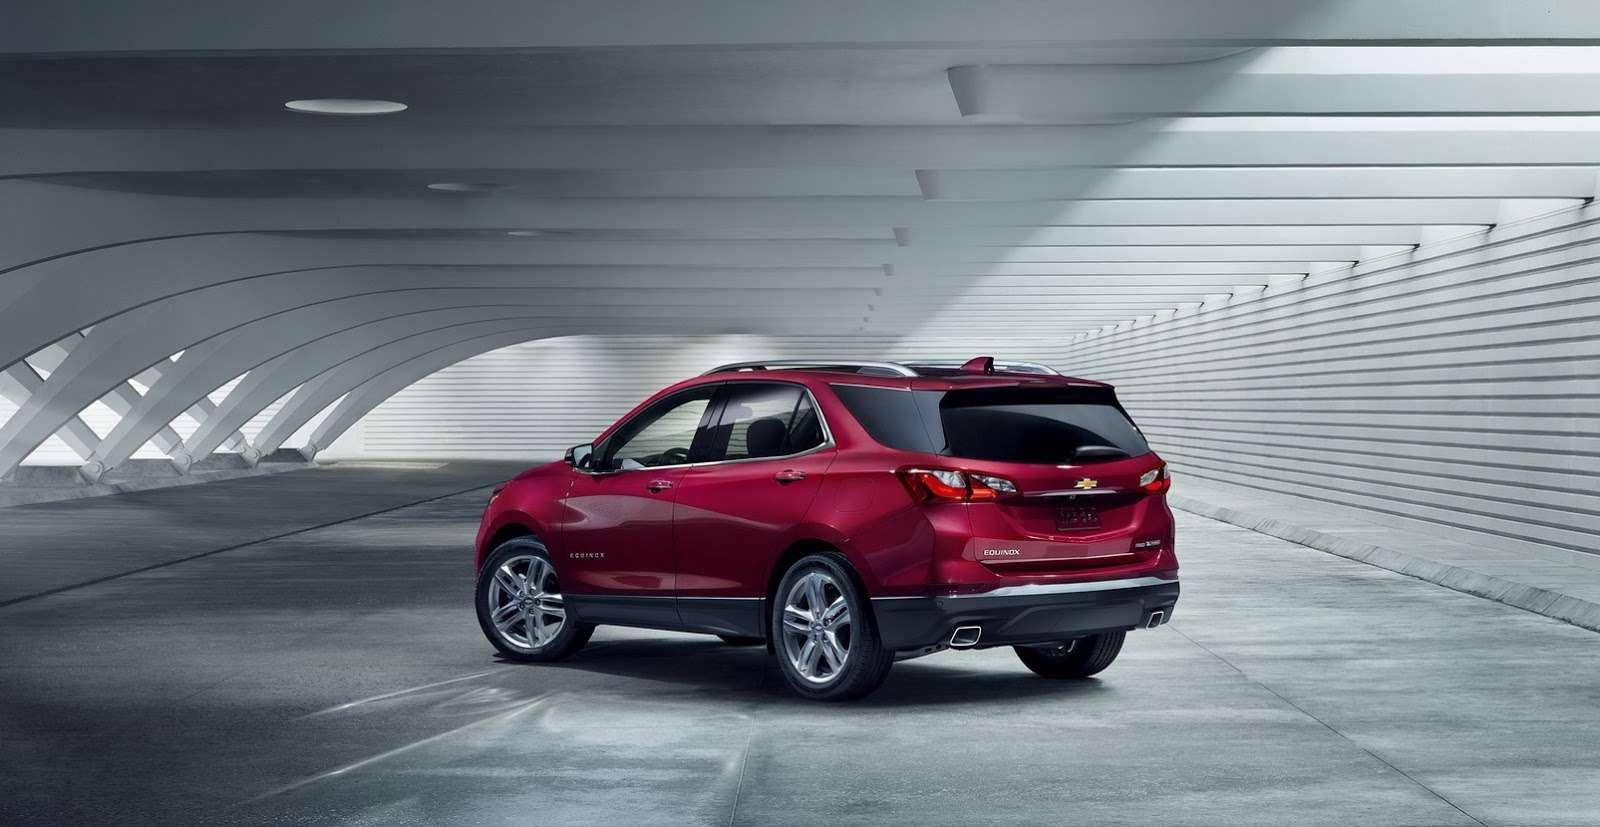 Поевропейским заветам: новый Chevrolet Equinox пошел тропой даунсайзинга— фото 638533